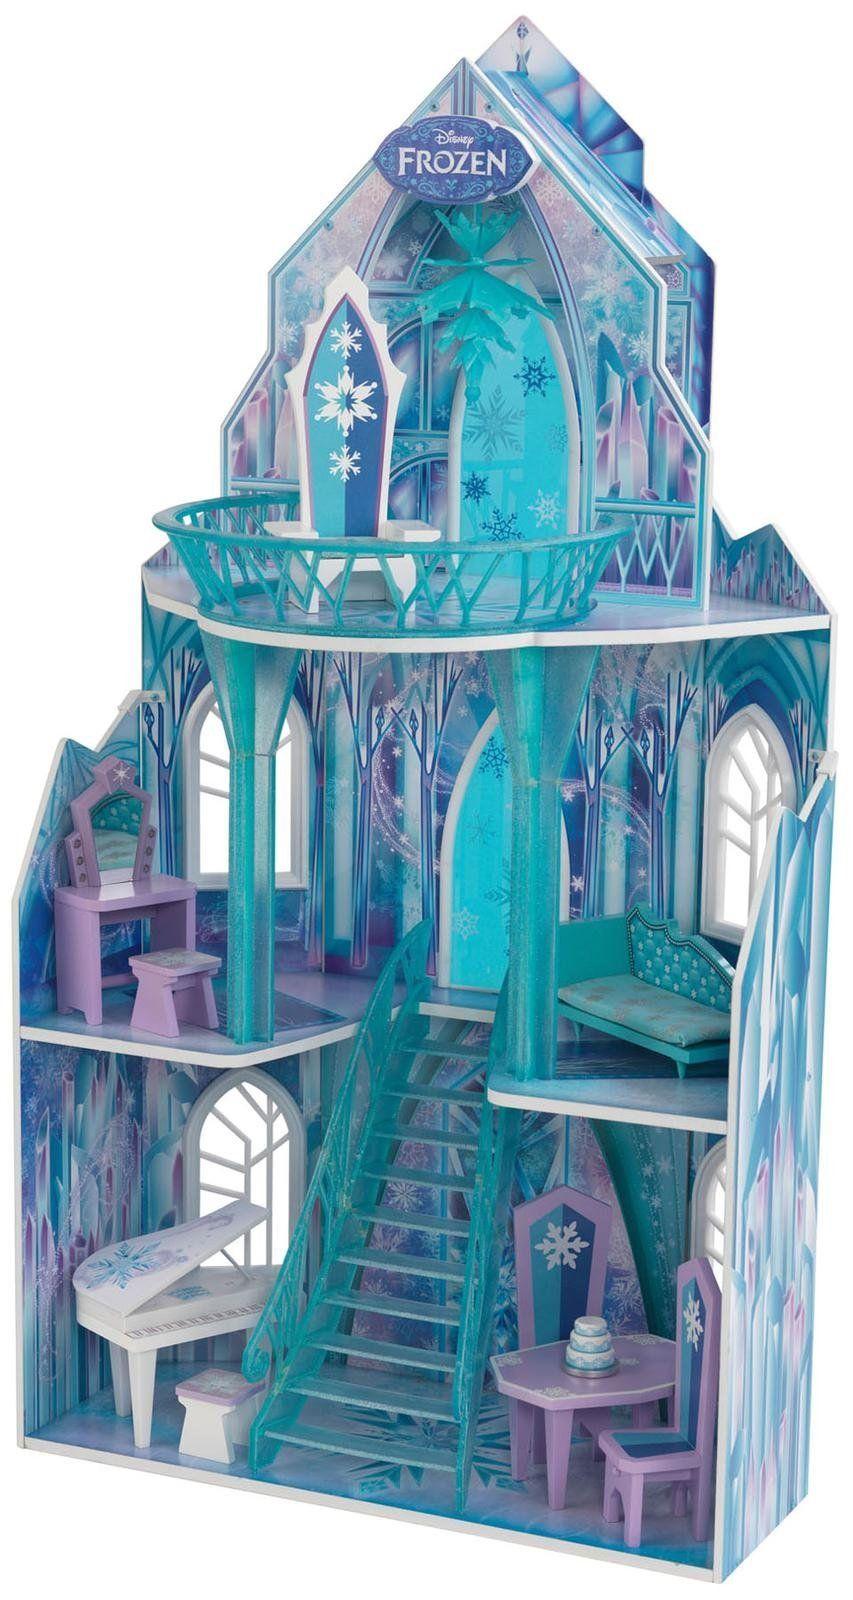 Kidkraft Disney Frozen Ice Castle Dollhouse Fun Frozen